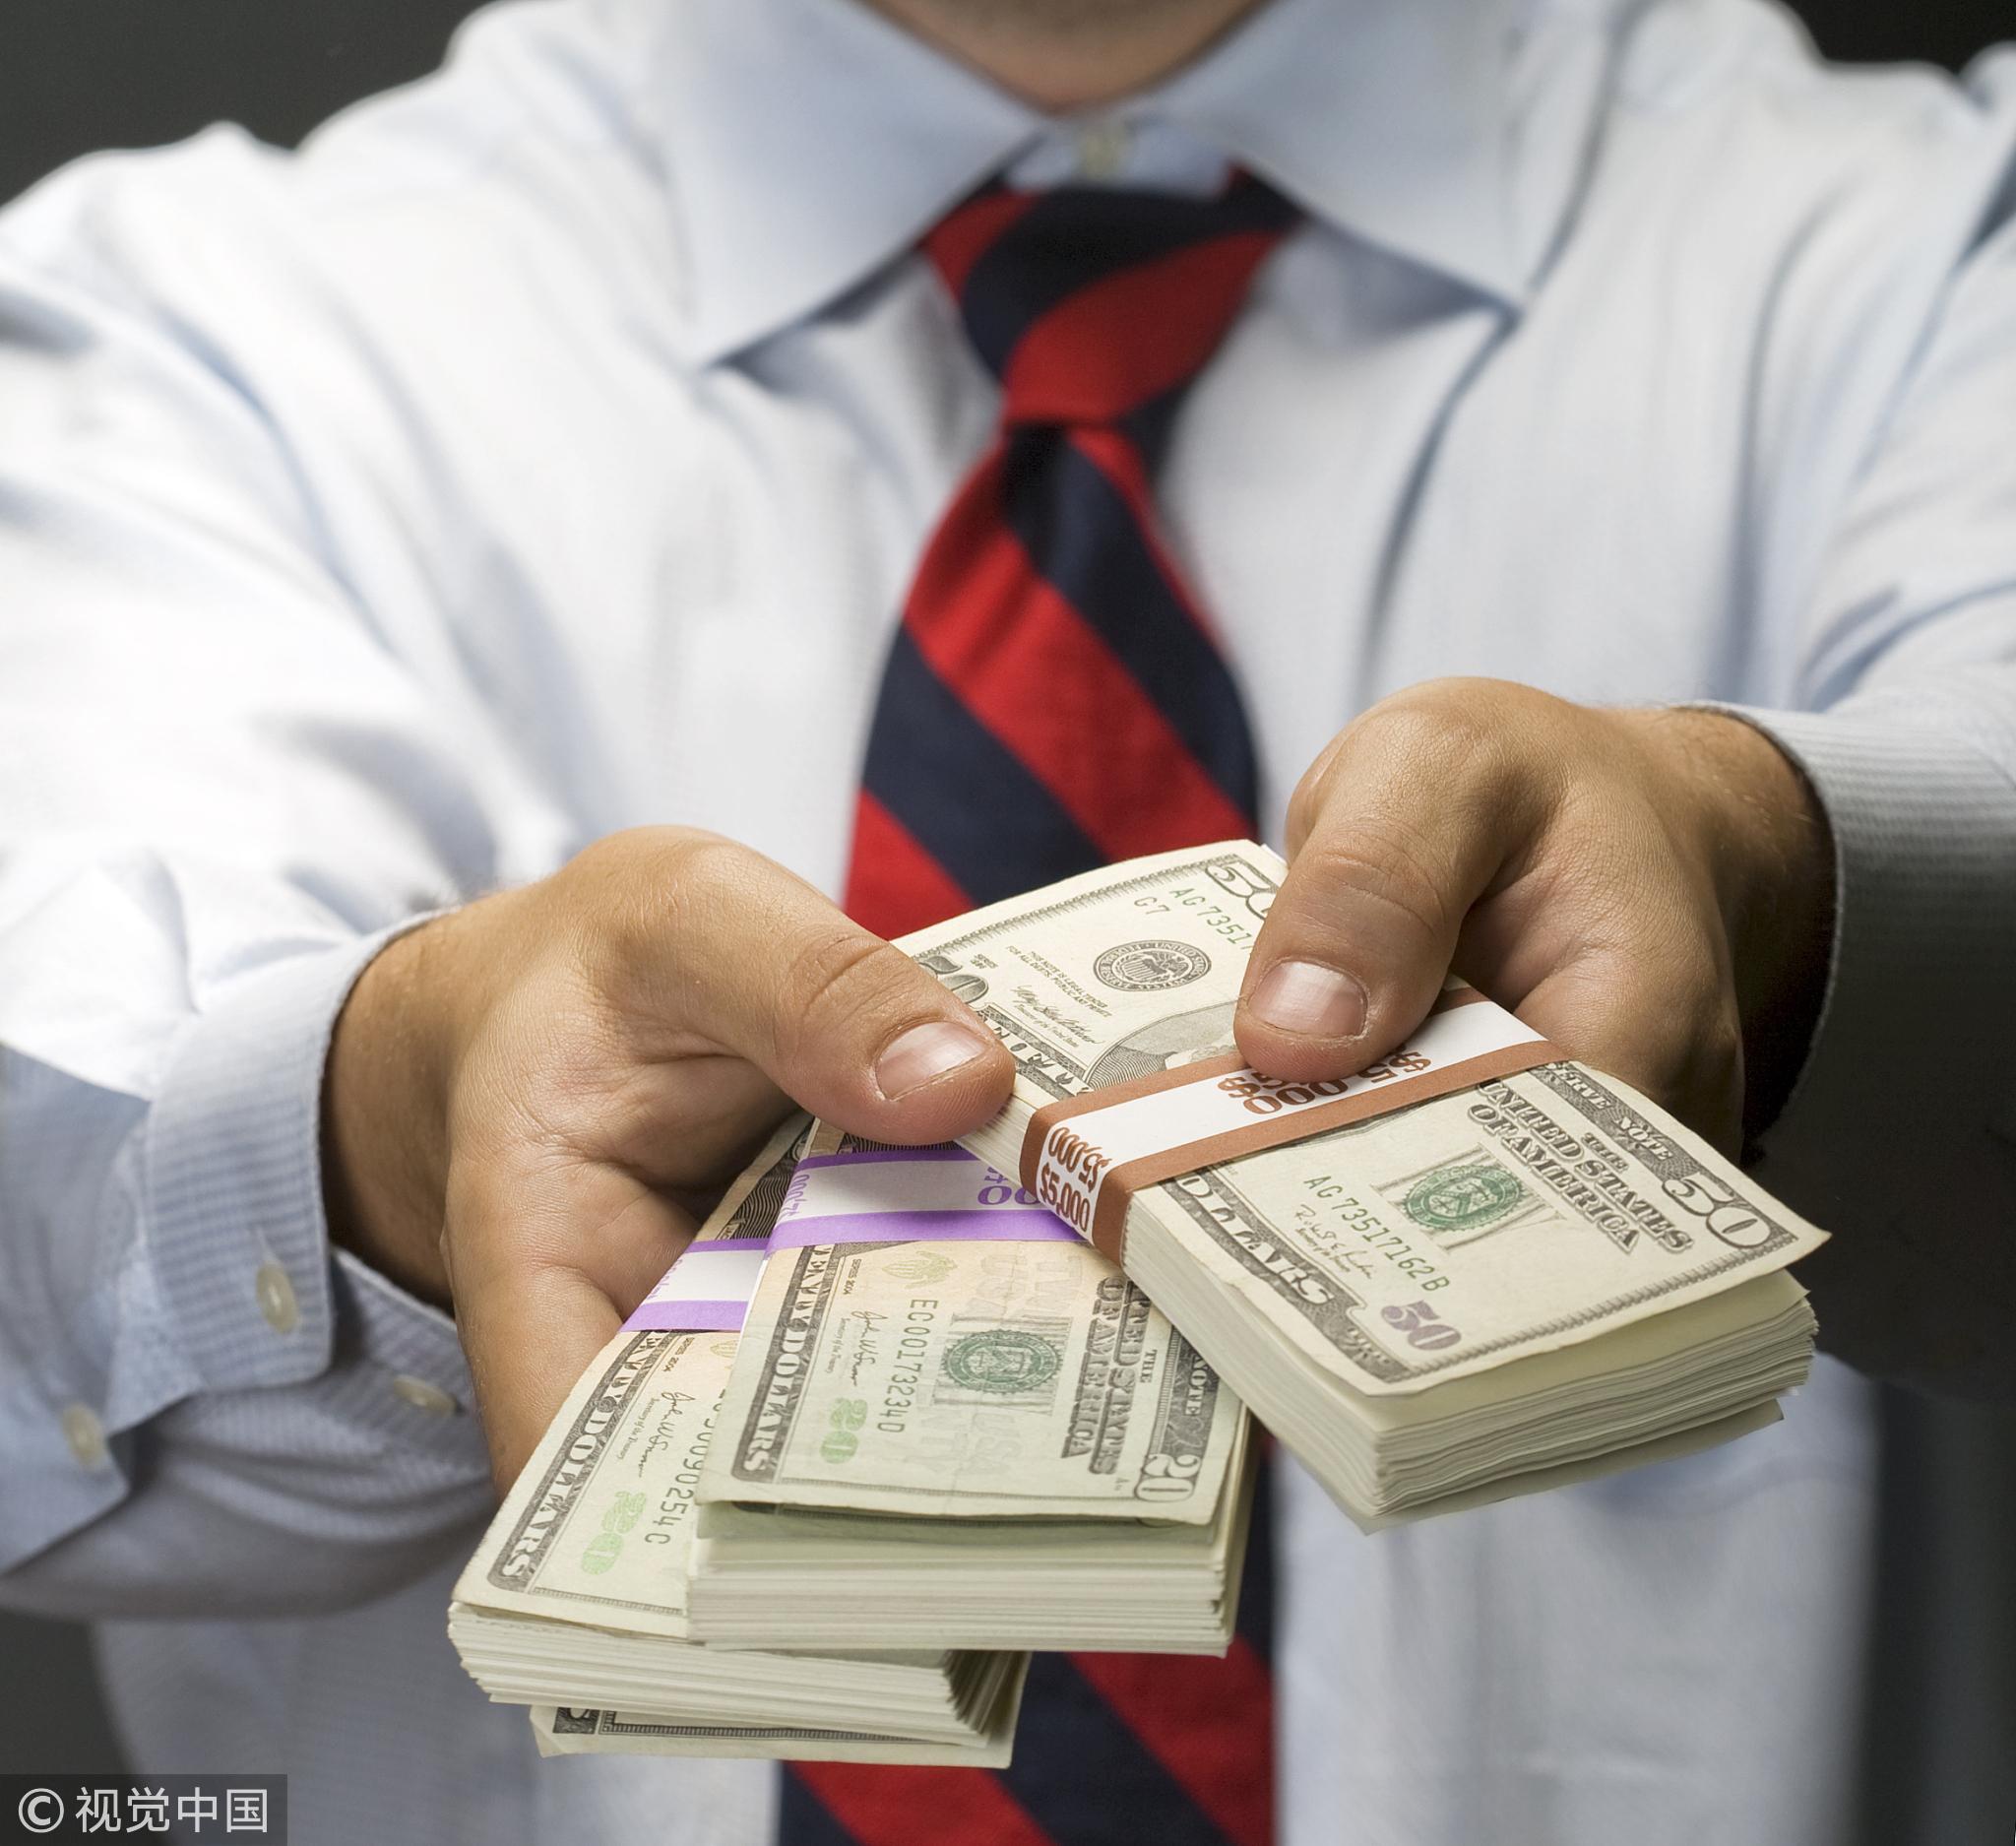 高考志愿填报咨询现天价收费:一次5万